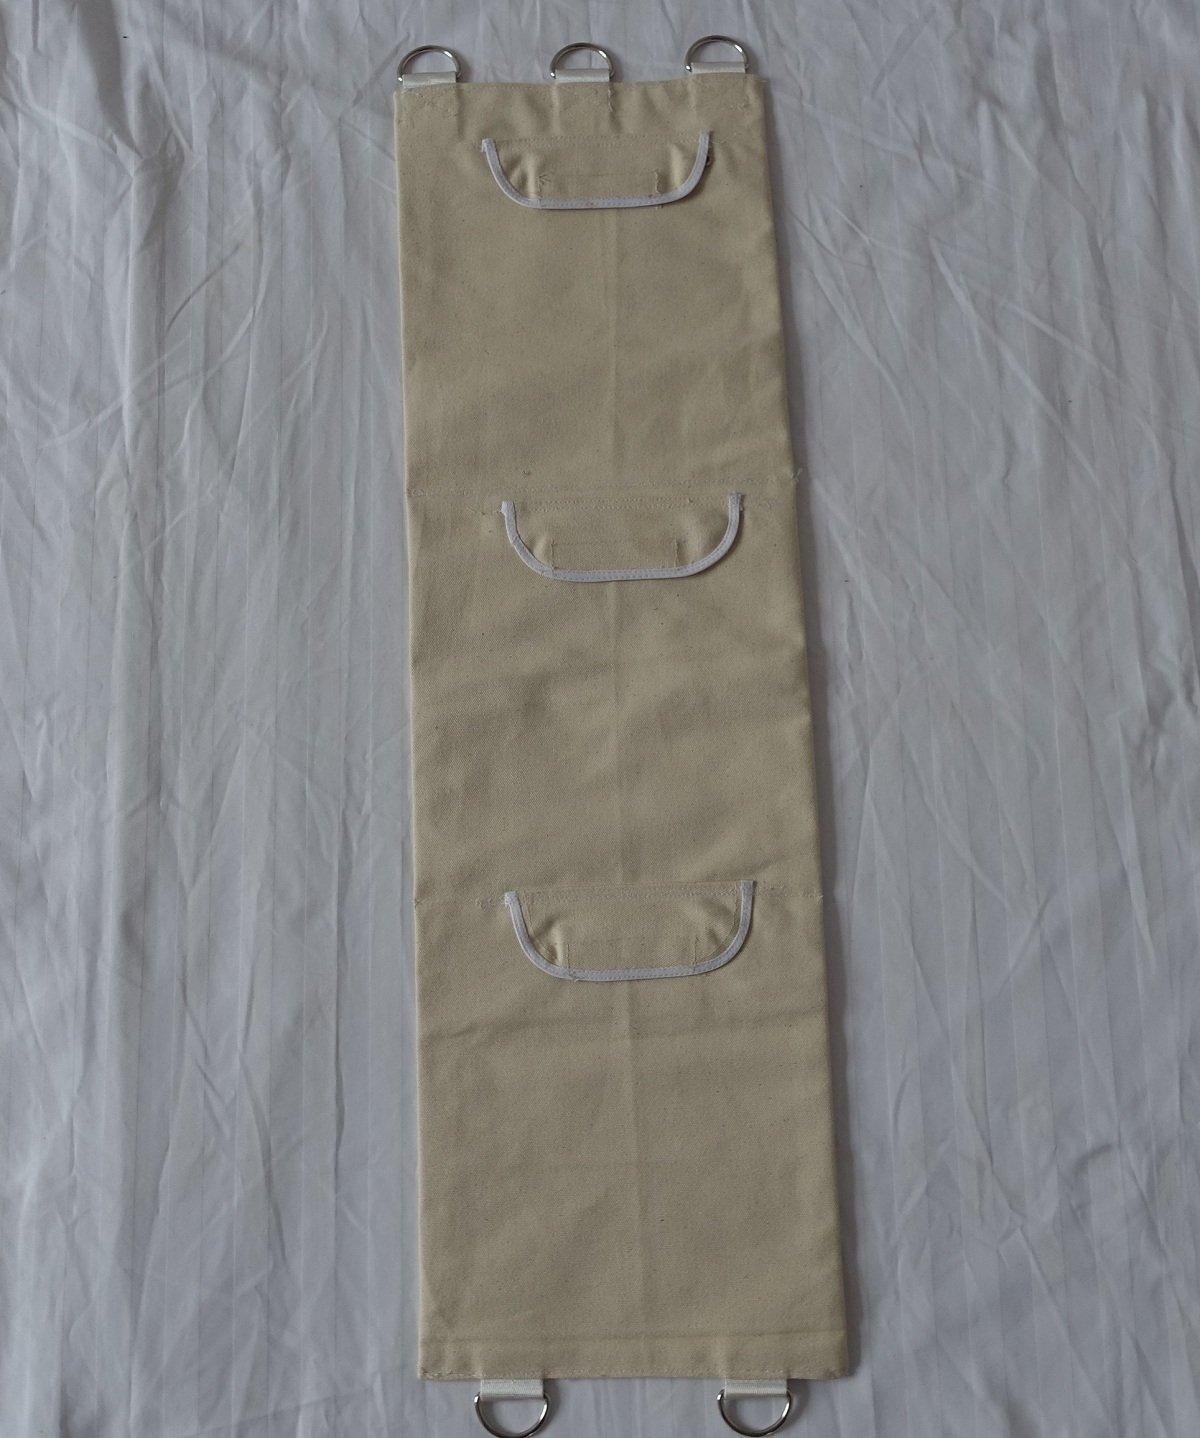 Wing Chun boxeo bolsa de pared de lona con llamativo superficie 10/Ancho x 34,5/cm de largo 3/secciones wcpu003